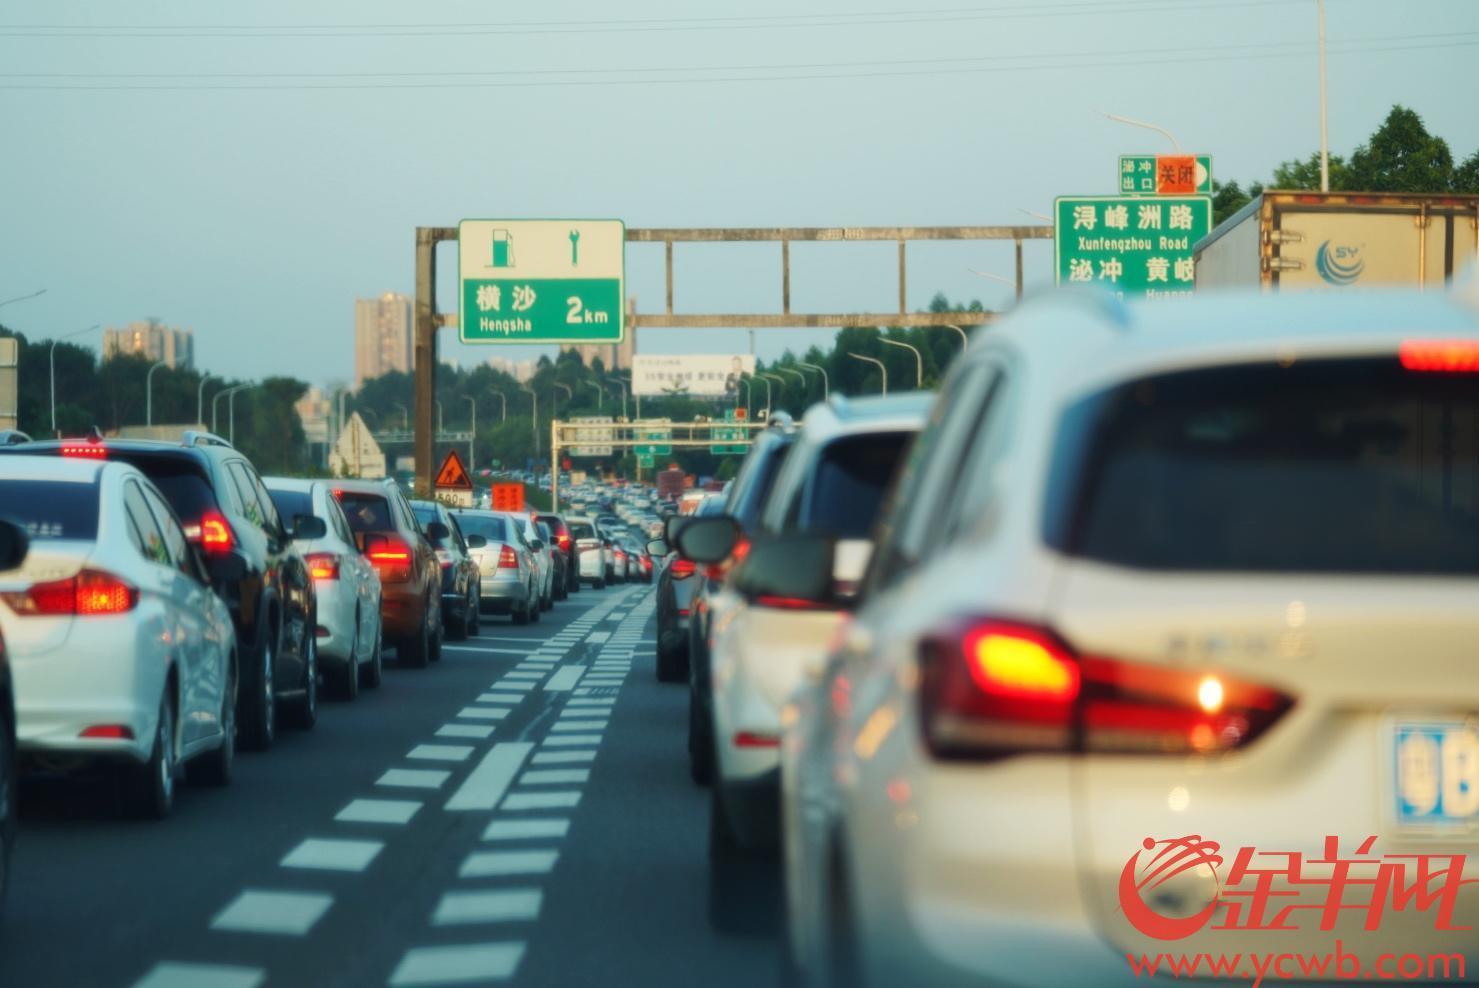 2021年10月5日,国庆假期即将结束,广州回程的车流也增多了。下午5点许,沈海高速广州支线横沙服务区附近,进广州城方向车辆行车缓慢,车龙排了约12公里。羊城晚报全媒体记者 林桂炎 摄